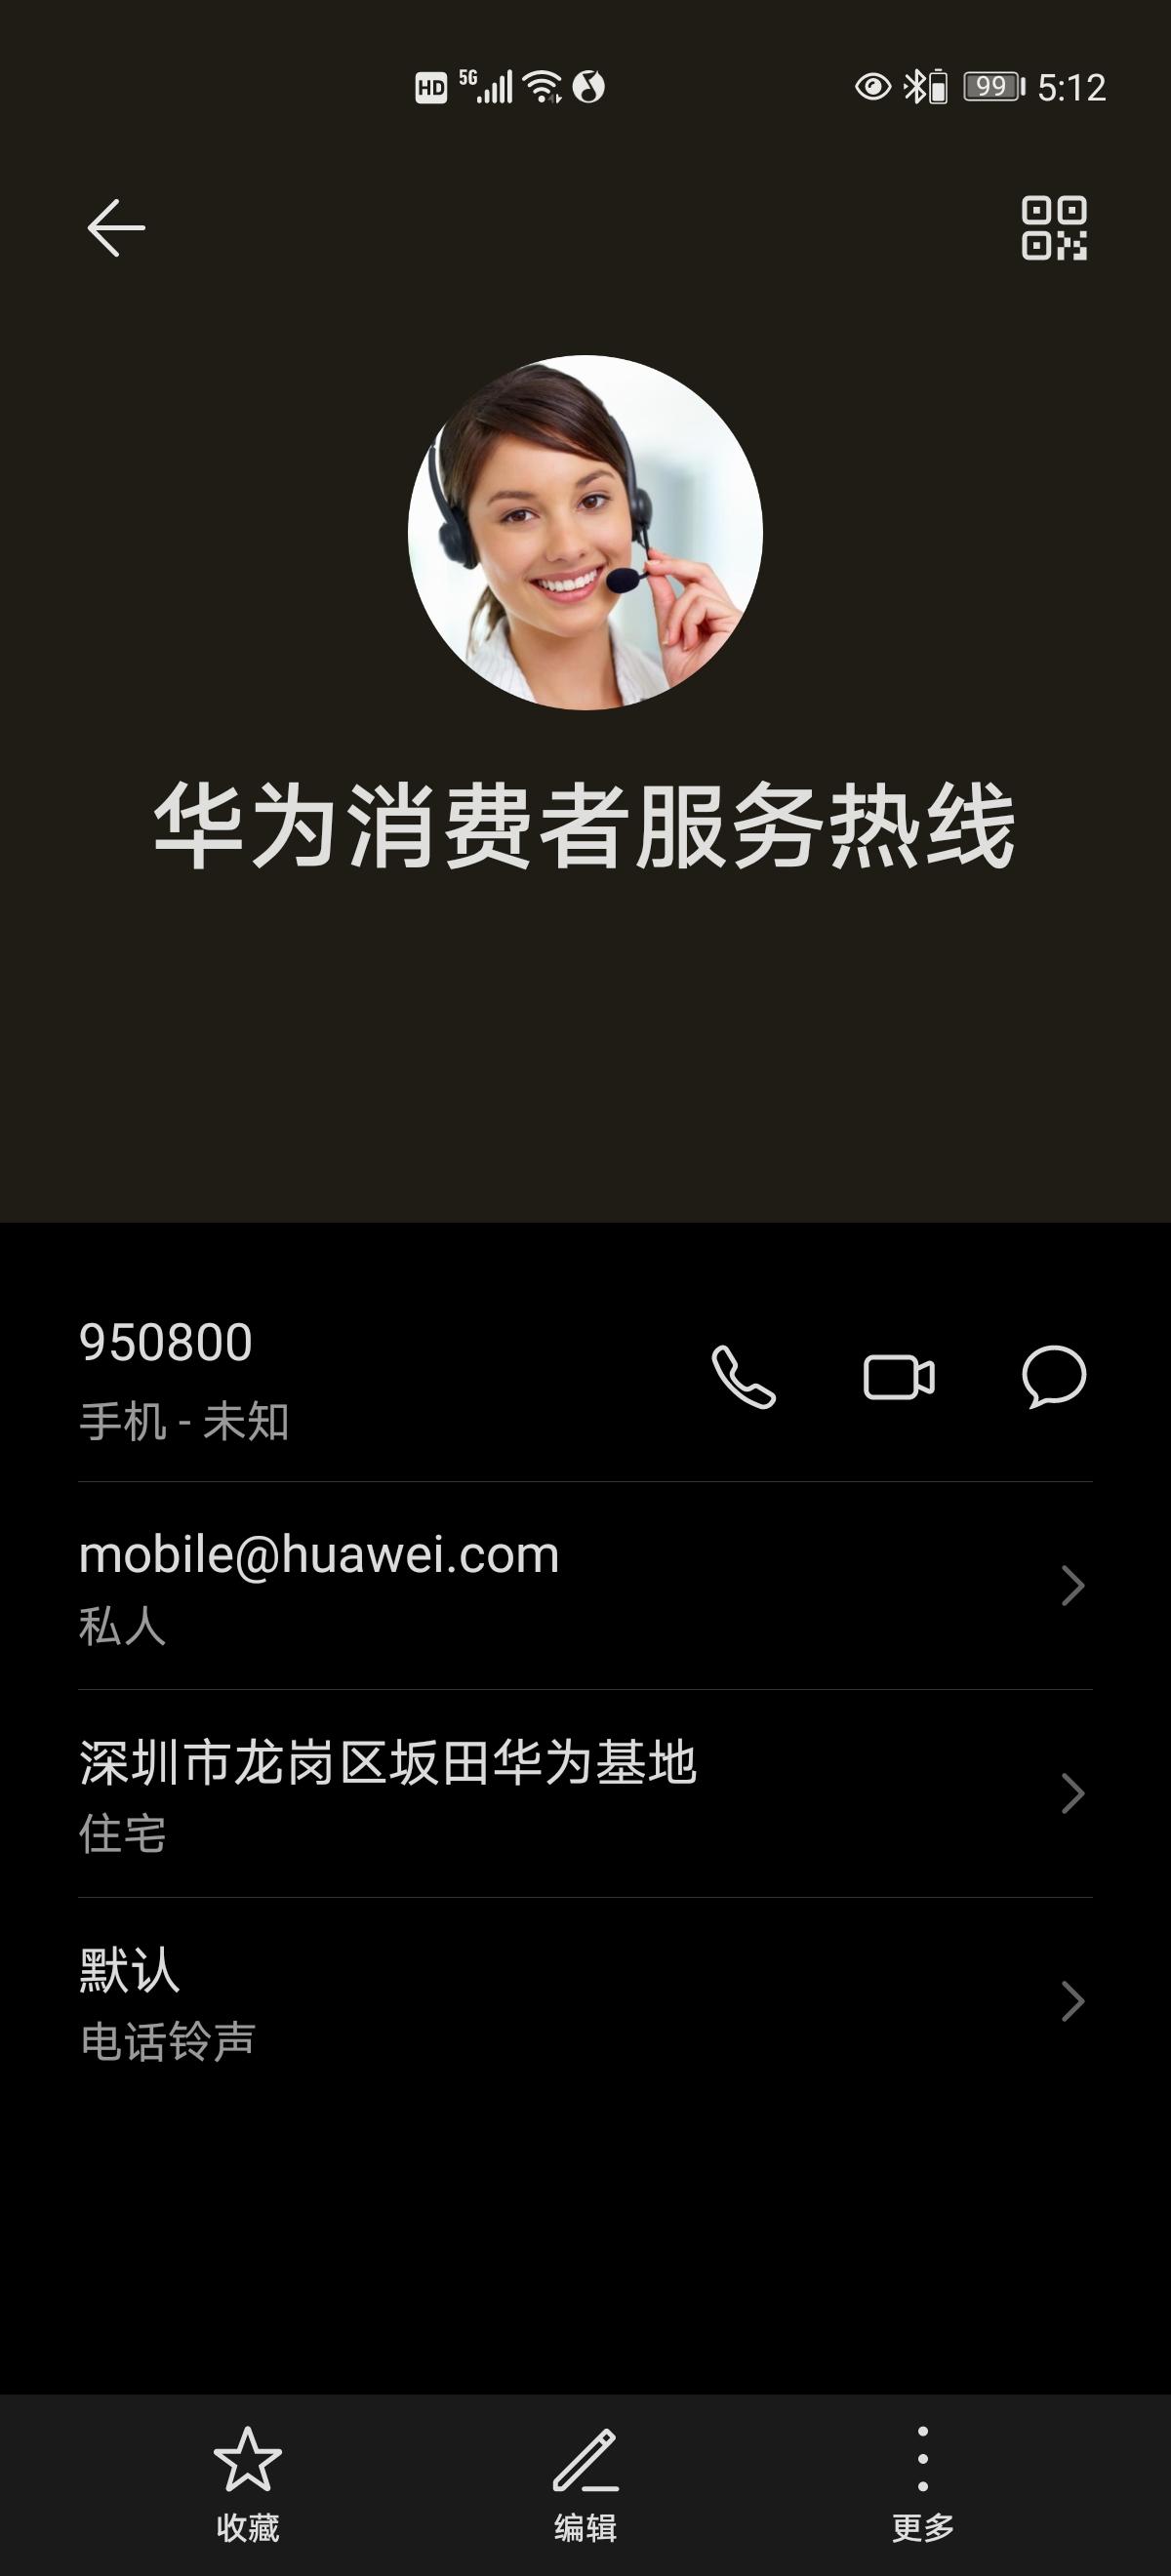 Screenshot_20210511_171242_com.huawei.contacts.jpg